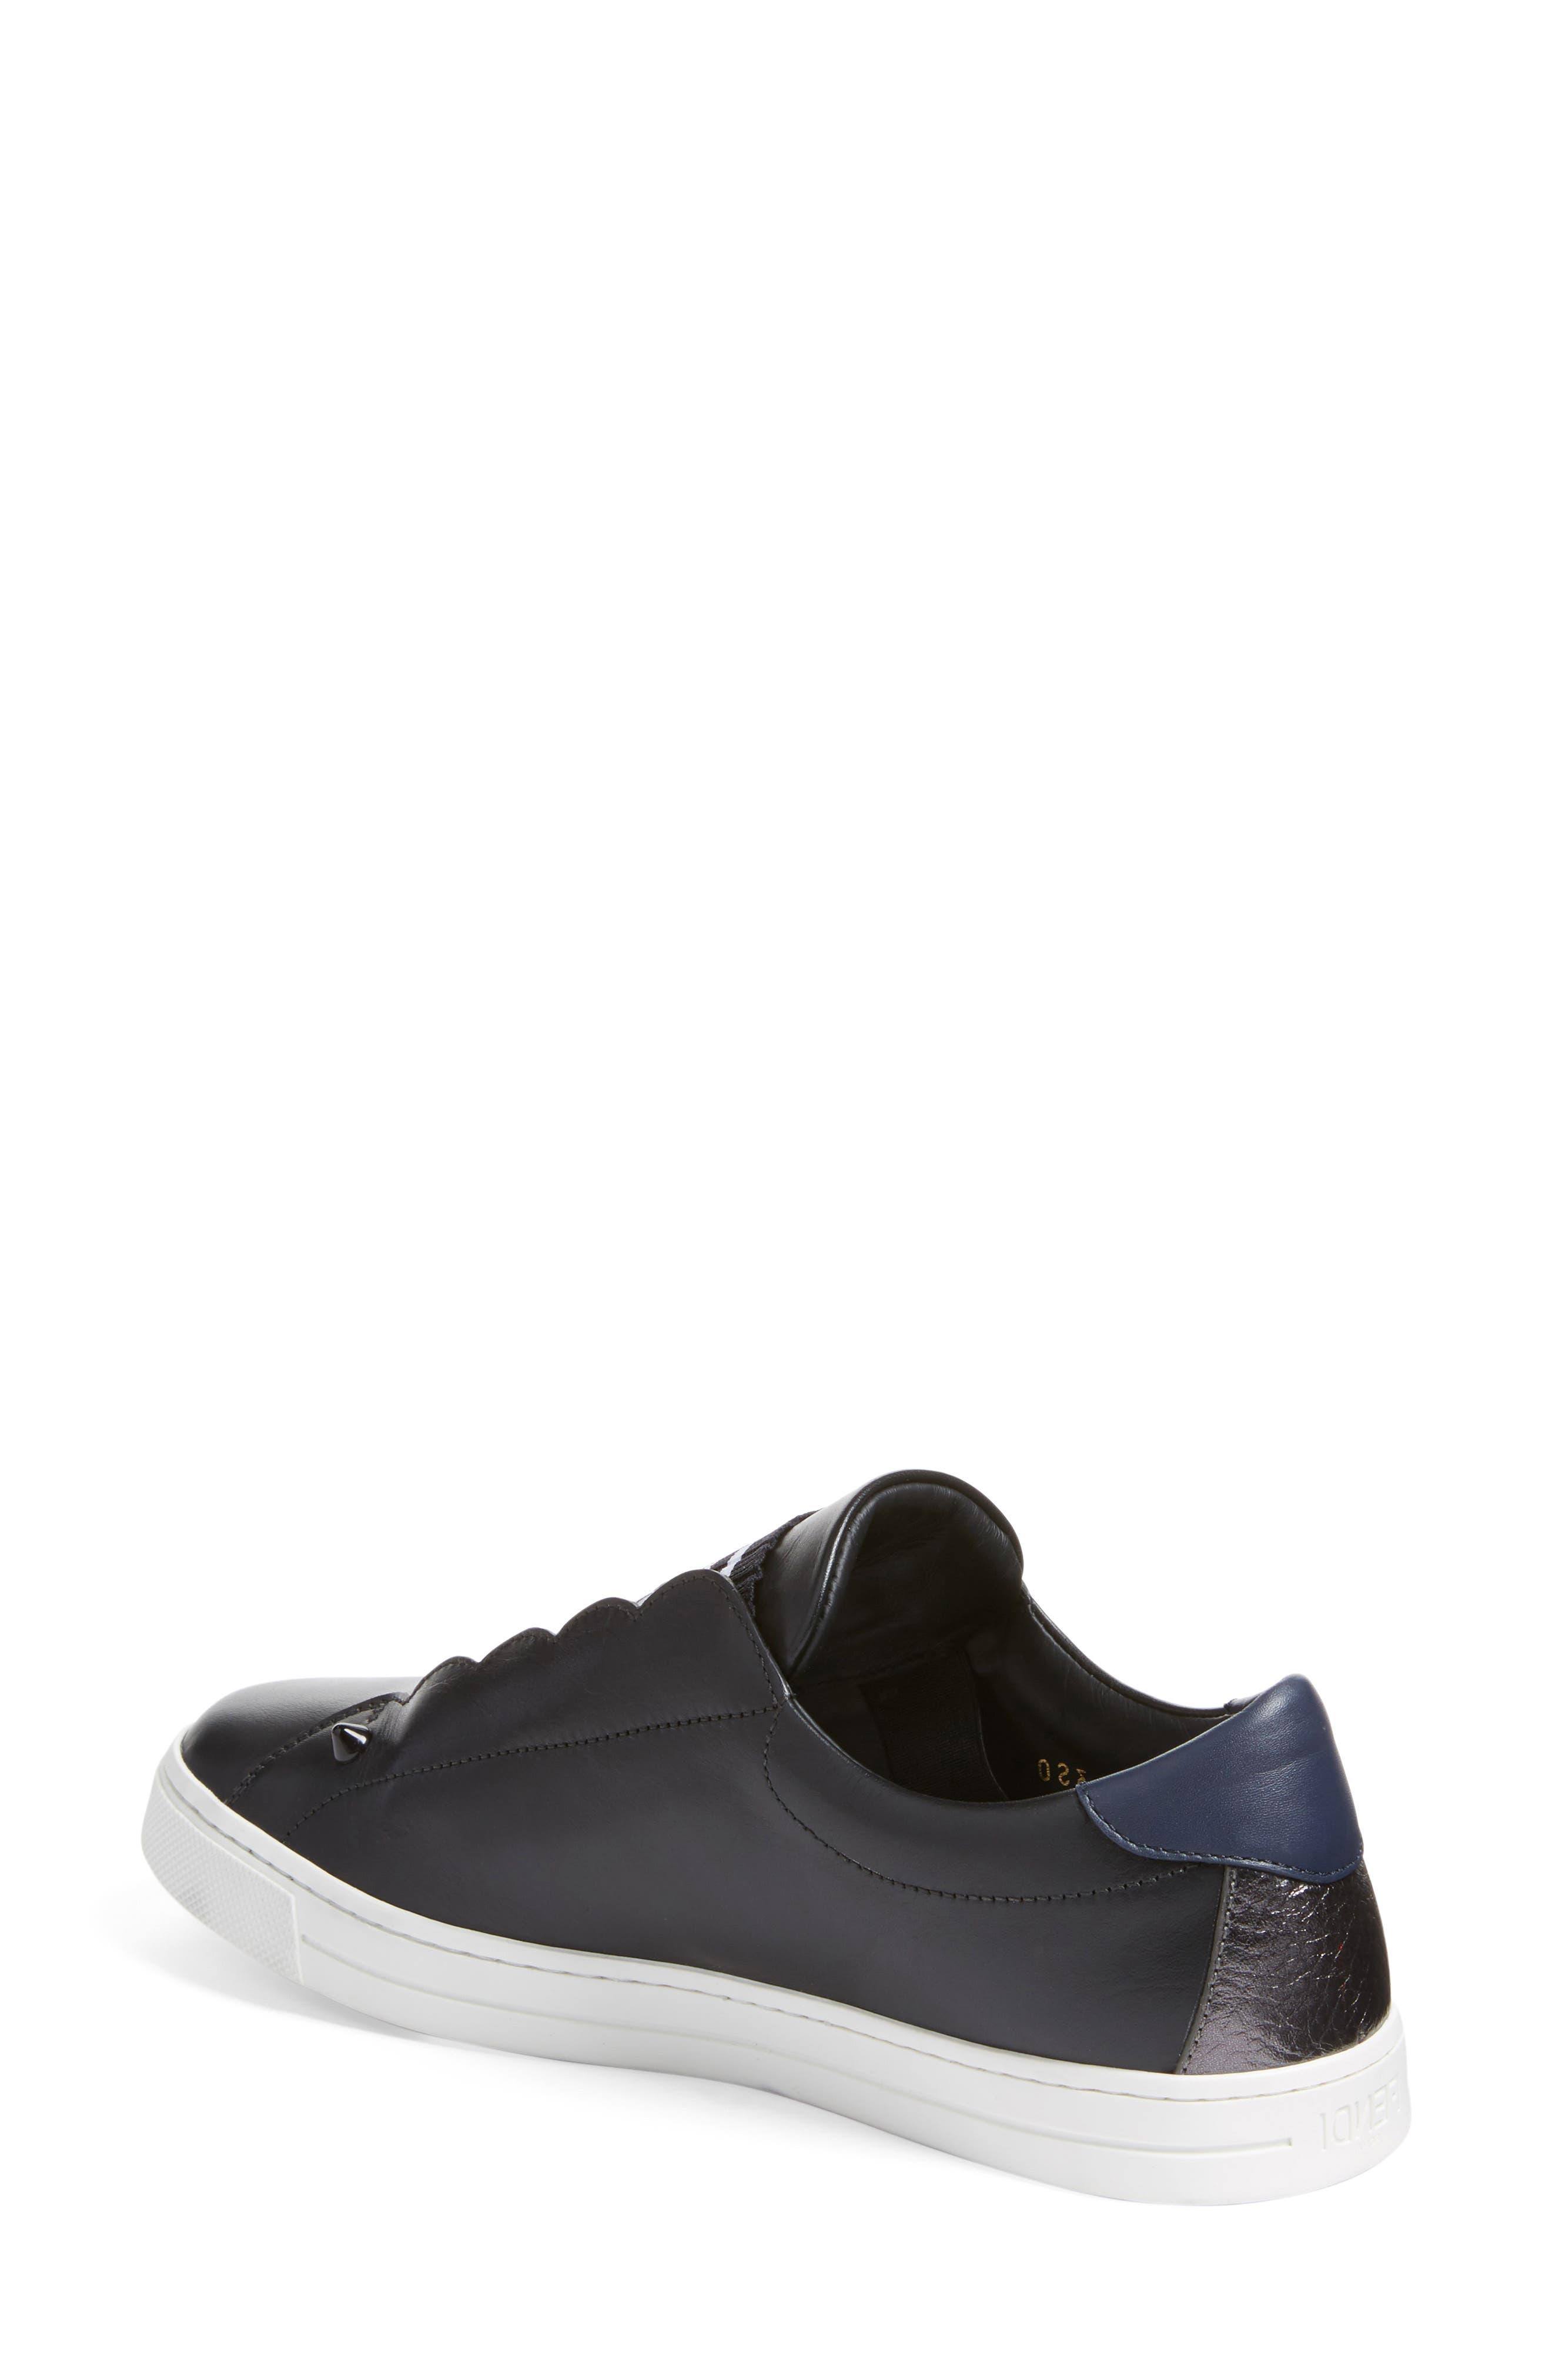 Rockoclick Slip-On Sneaker,                             Alternate thumbnail 2, color,                             001